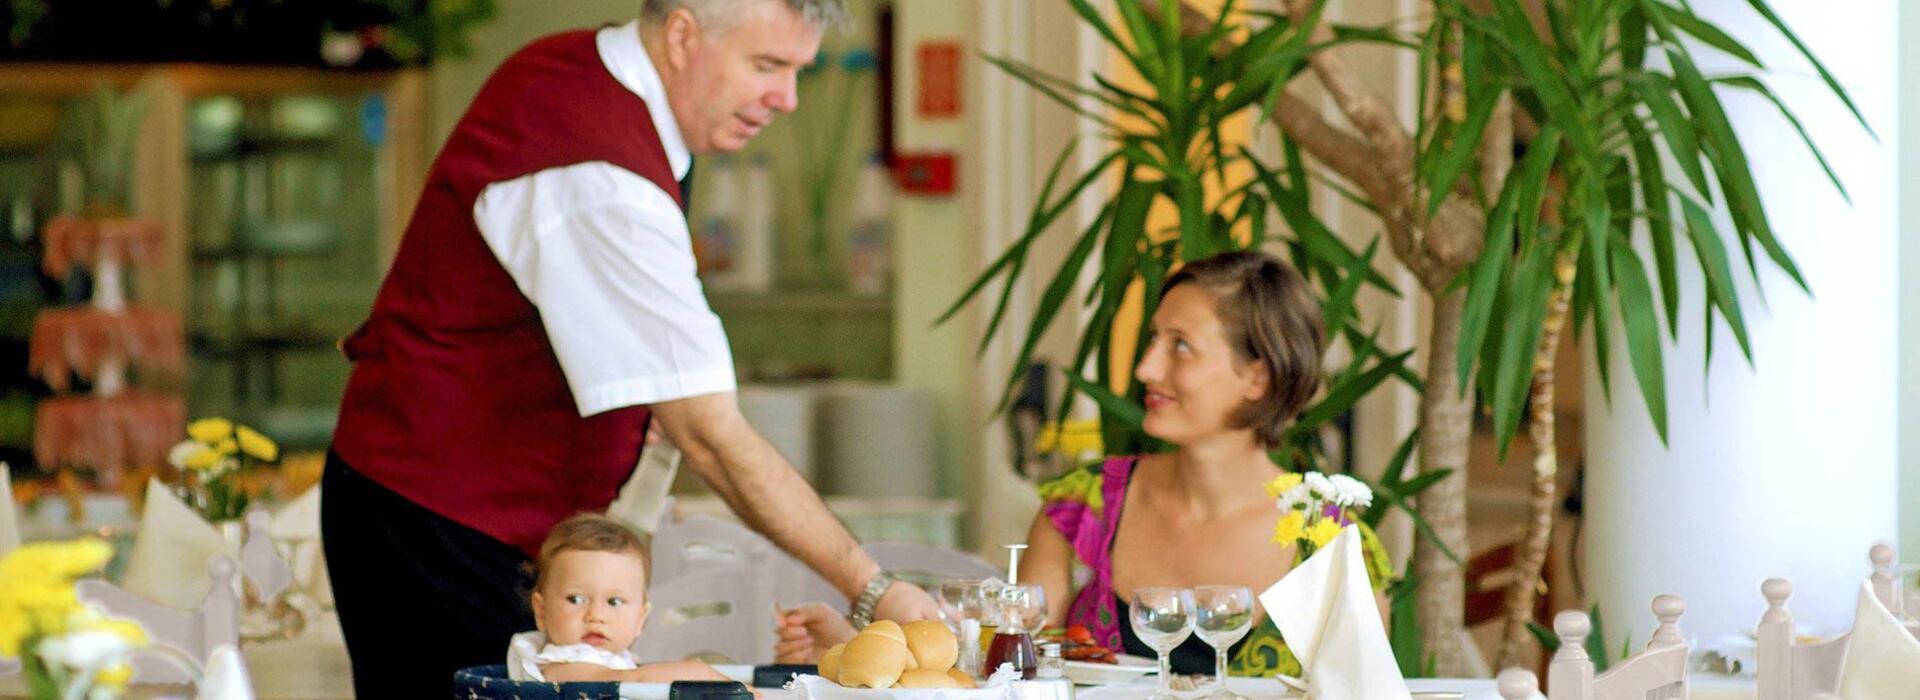 hotelvictoria it servizi-family 015